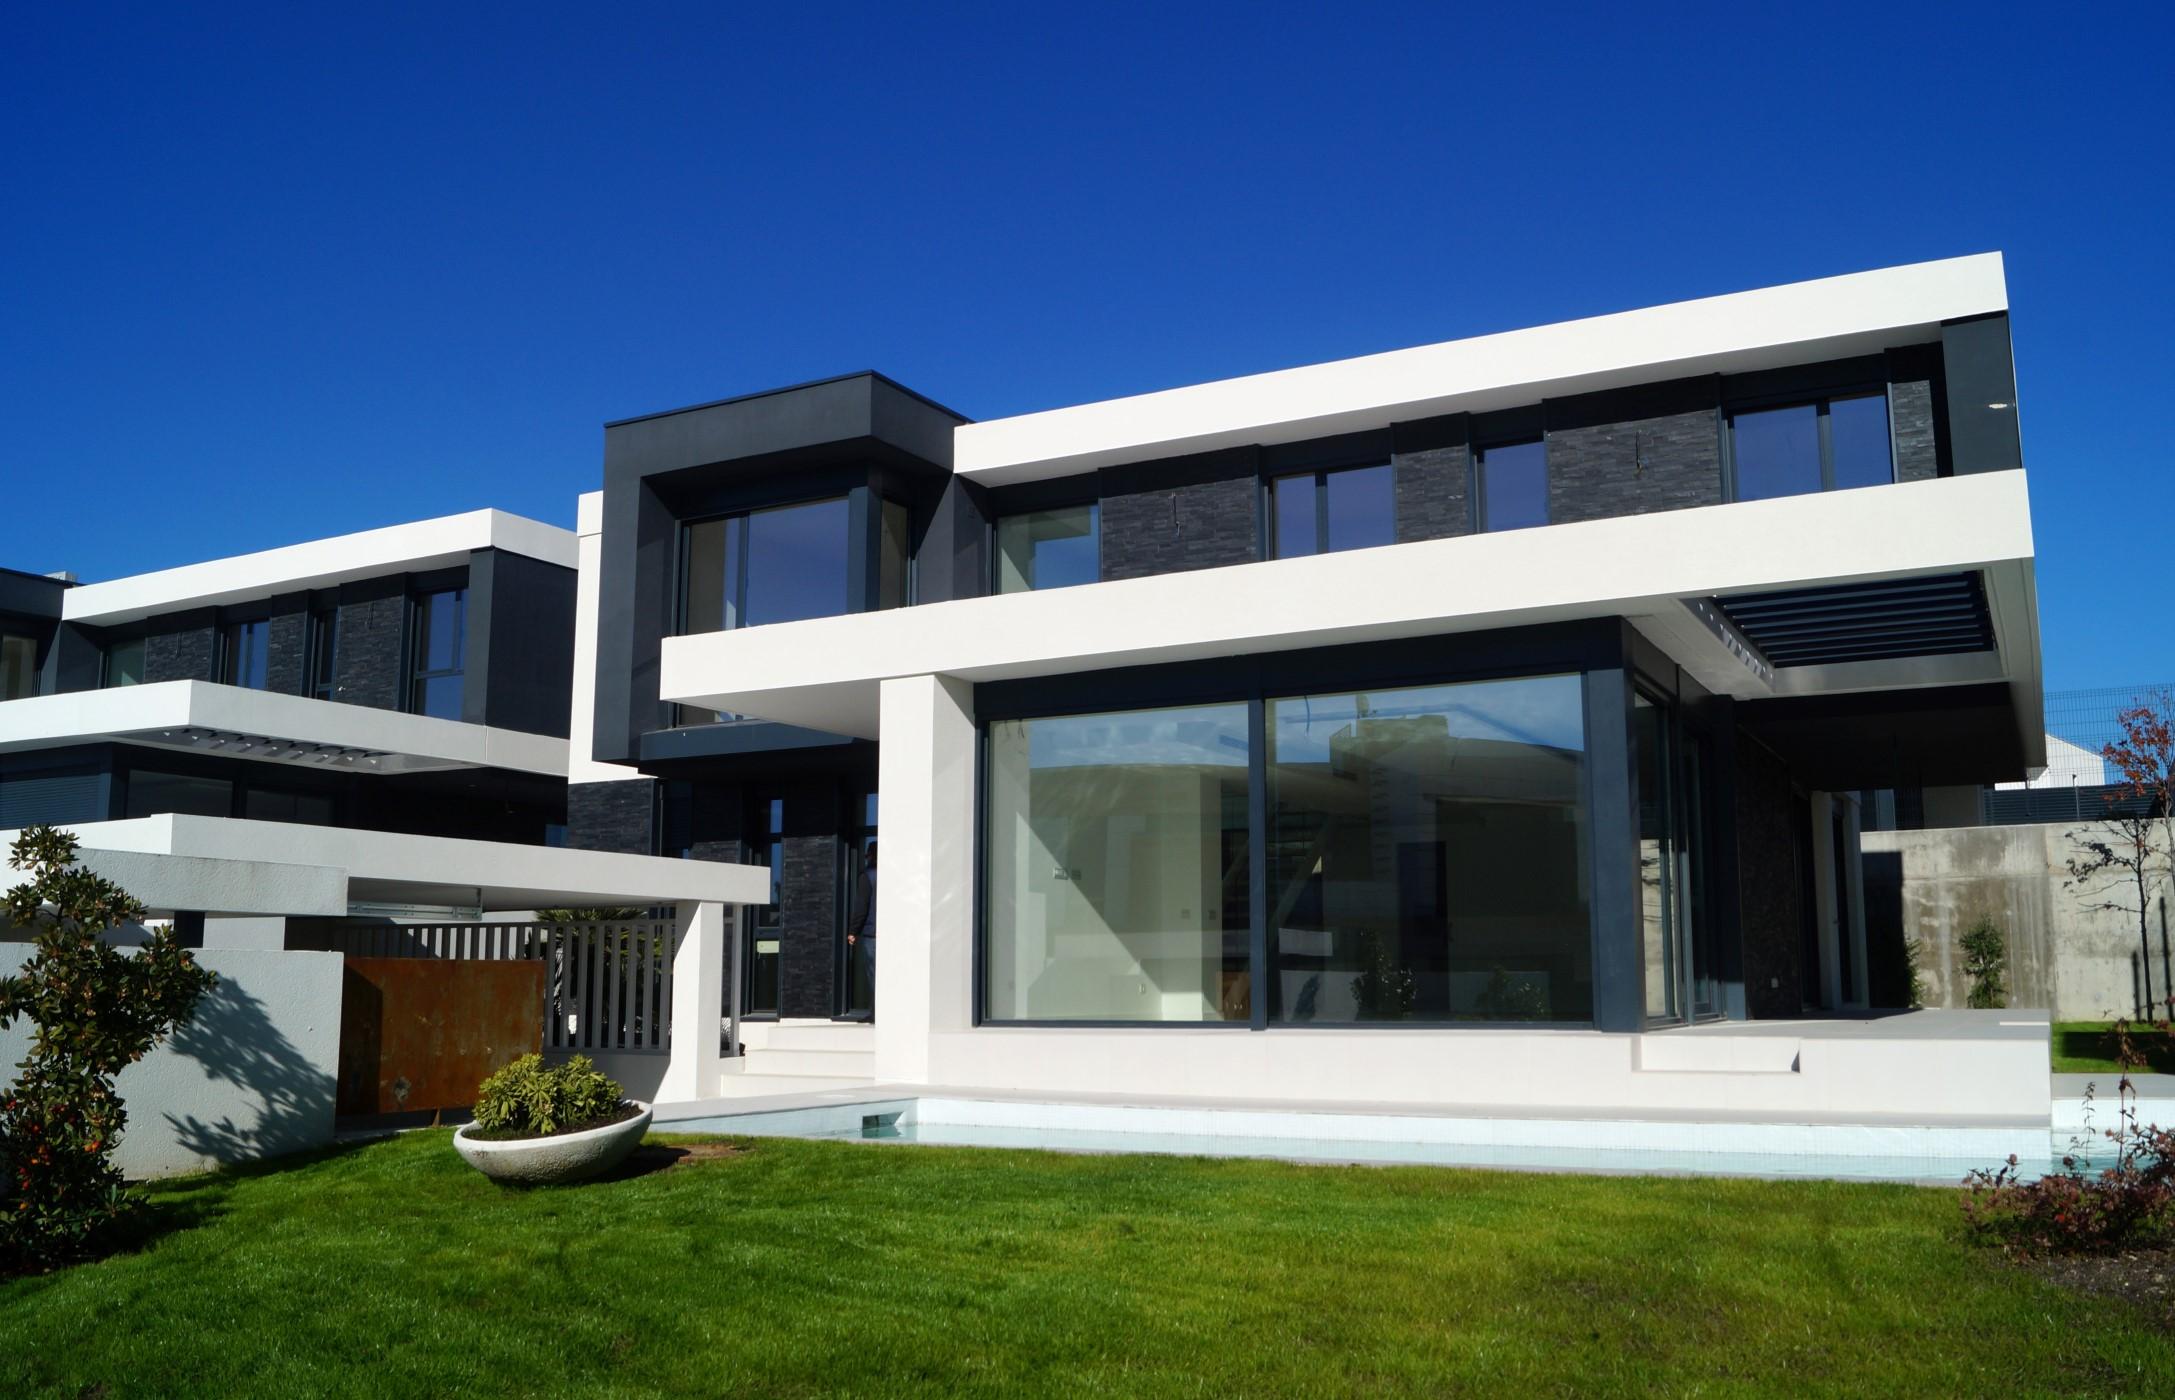 15 viviendas unifamiliares adosadas Boadilla del Monte, Madrid. Proyecto de FH2L Arquitectos.